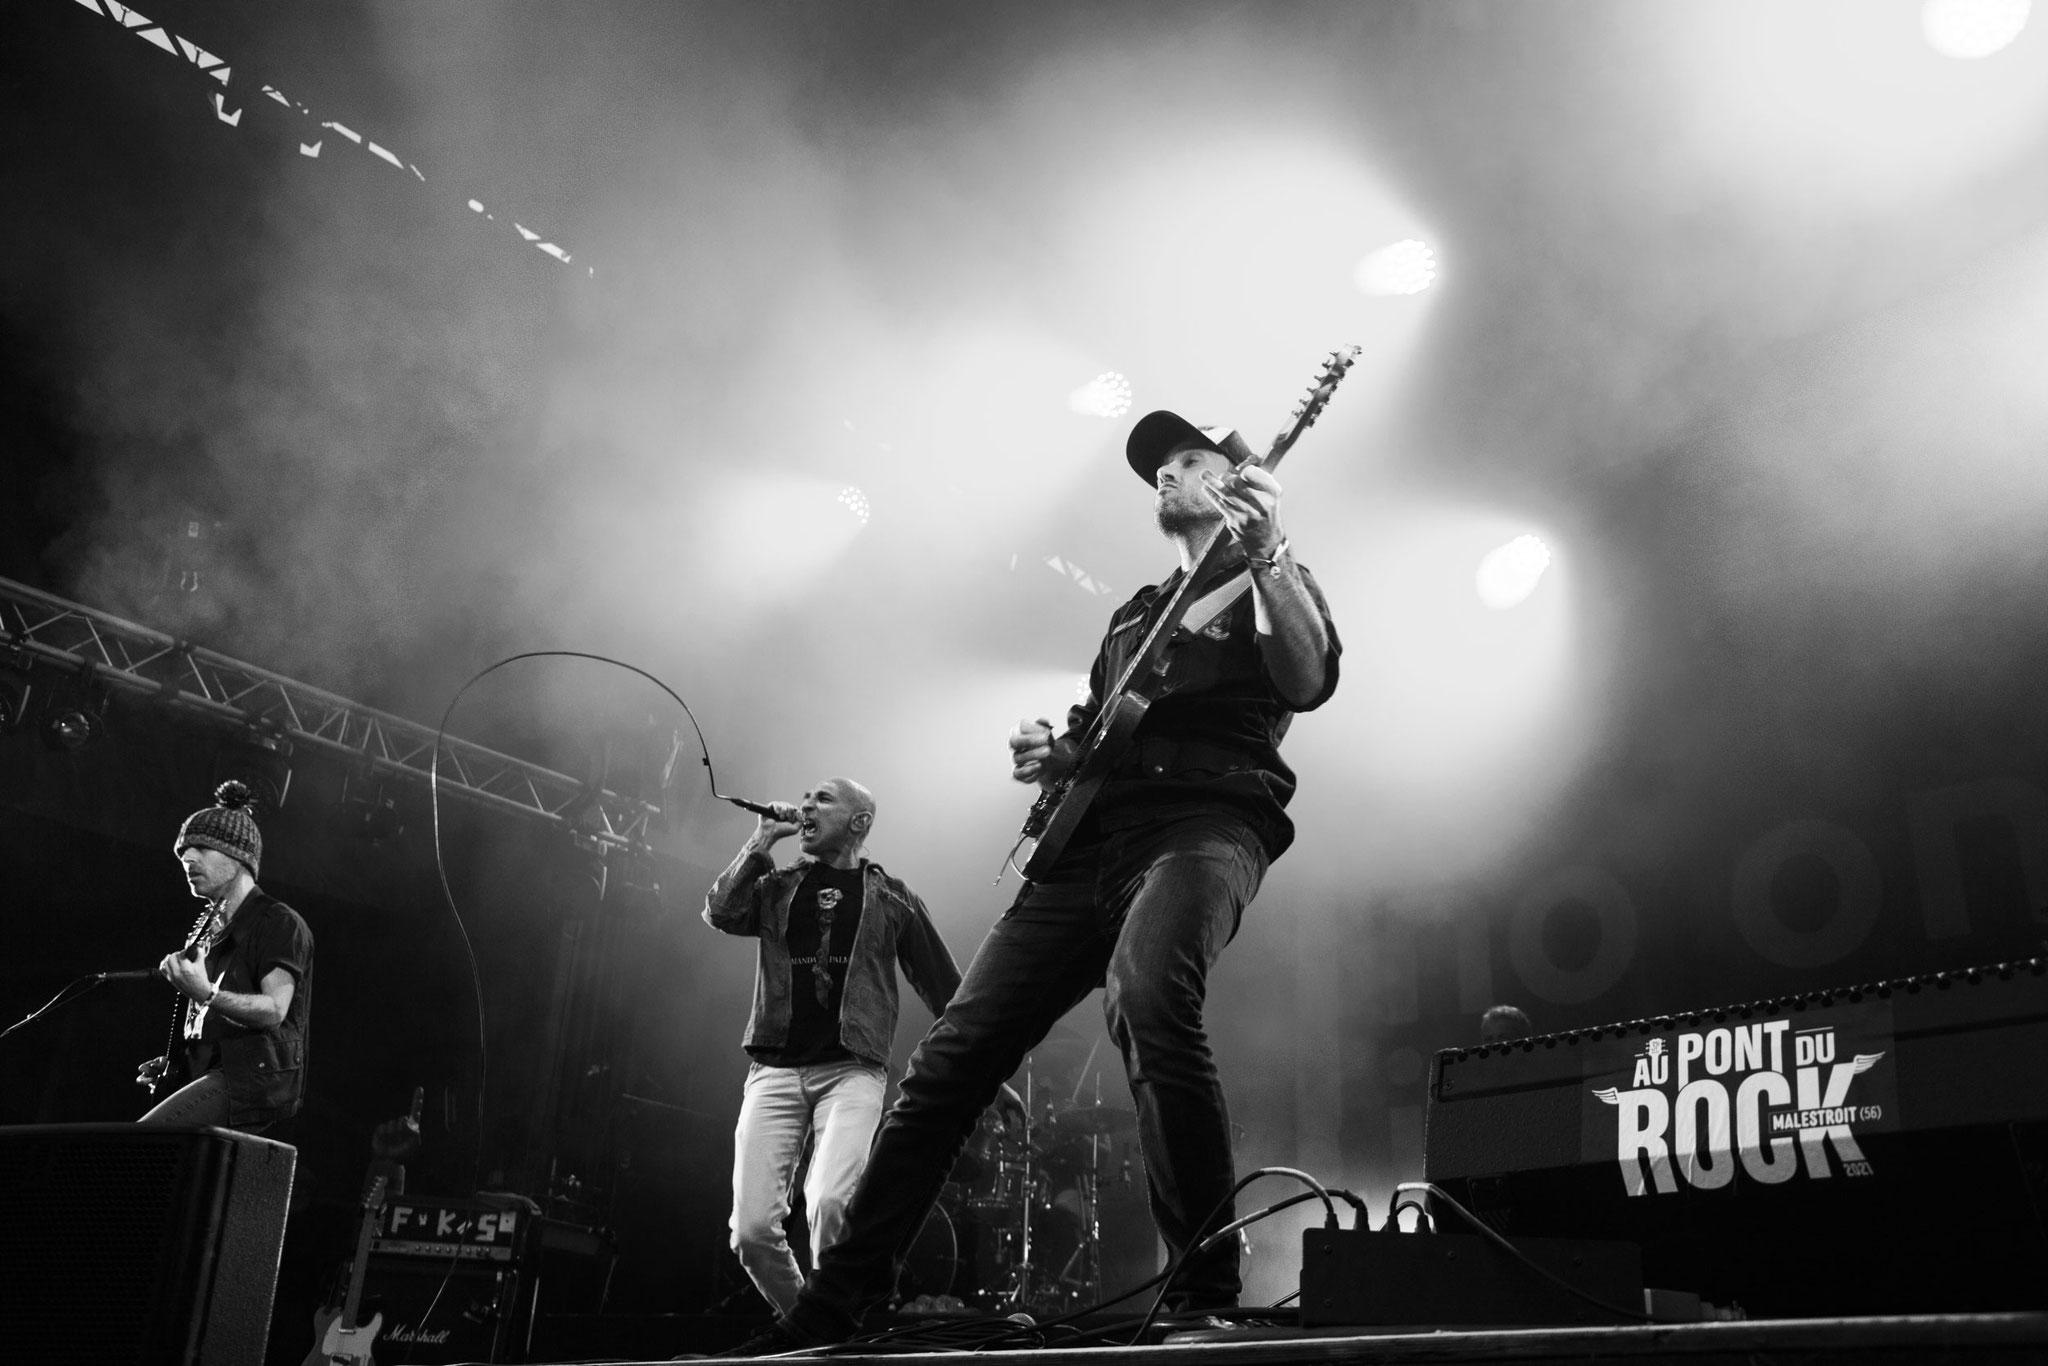 No One Is Innocent - Festival Au Pont du Rock 2021. ©Clémence Rougetet